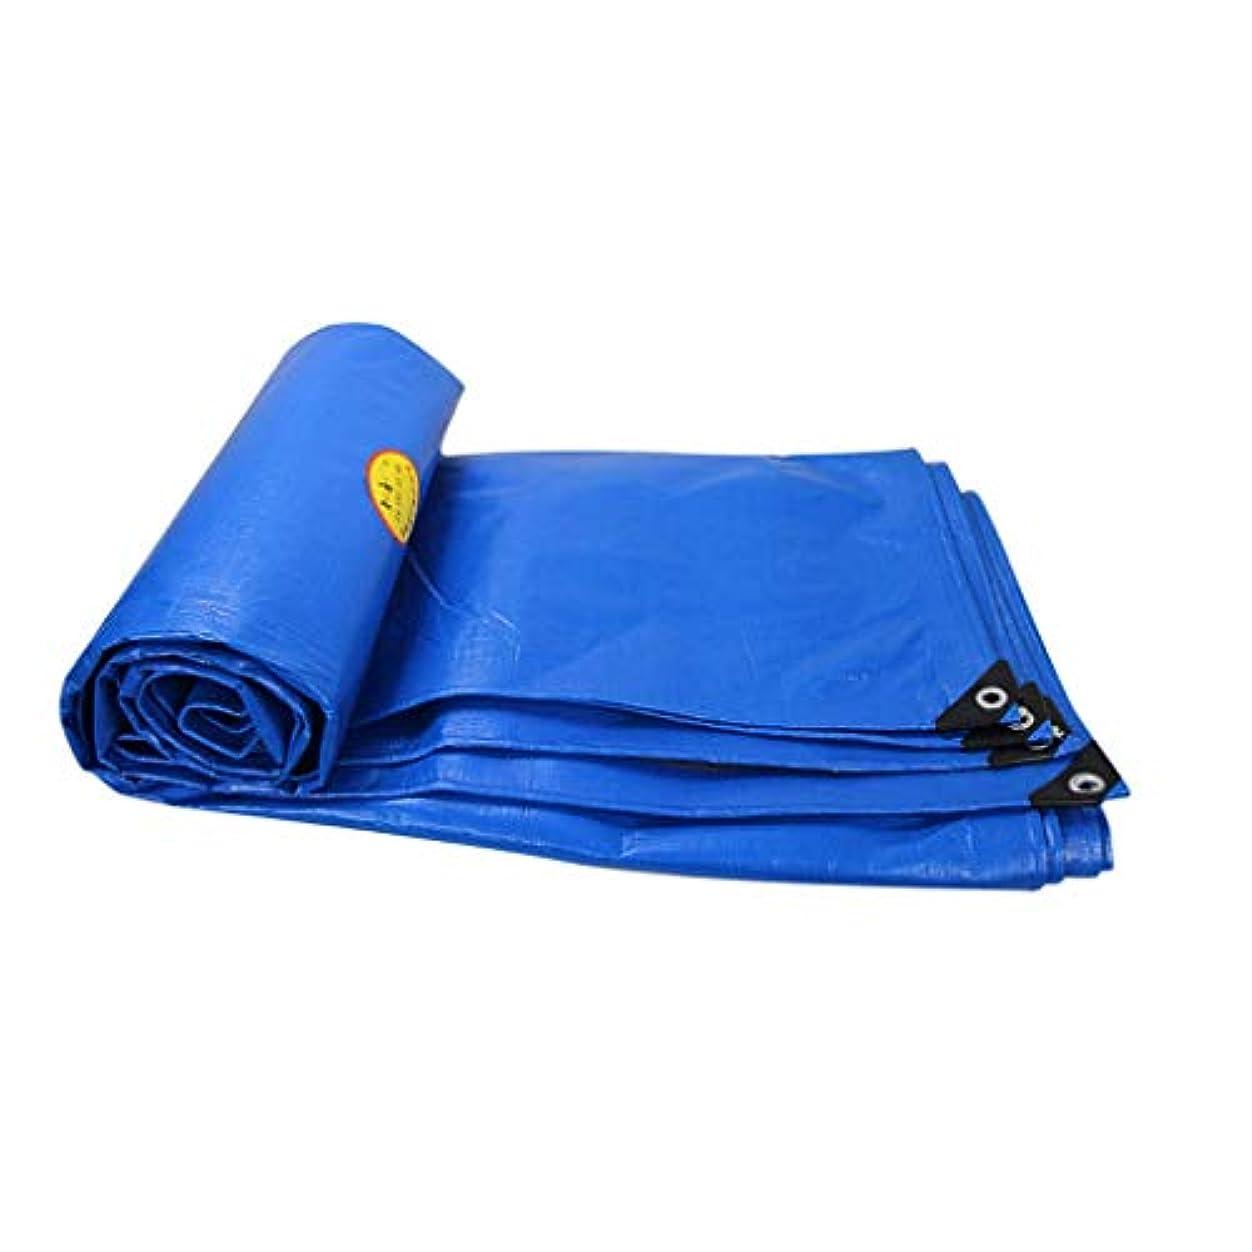 不足動揺させる論争の的厚い絶縁材の防水シートの防水日焼け止めの防水シートの日除けの布のプラスチック布のポンチョの防水シート (Color : Blue, Size : 5x7m)